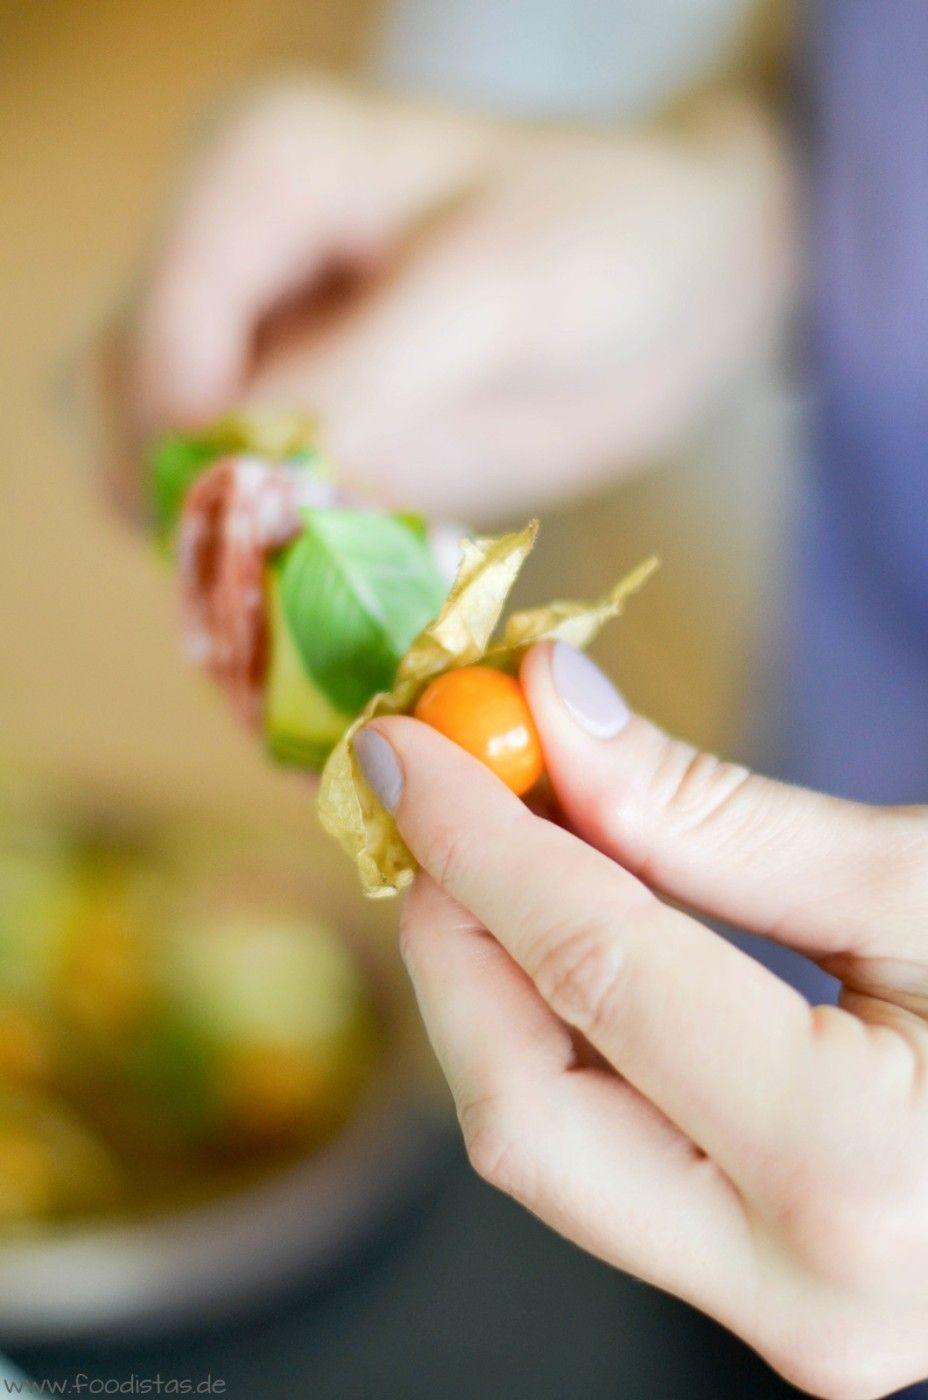 Bunte Antipasti Sticks von den [Foodistas]! Würzig eingelegt und hübsch aufgespießt! - Antipasti Sticks - http://foodistas.de/